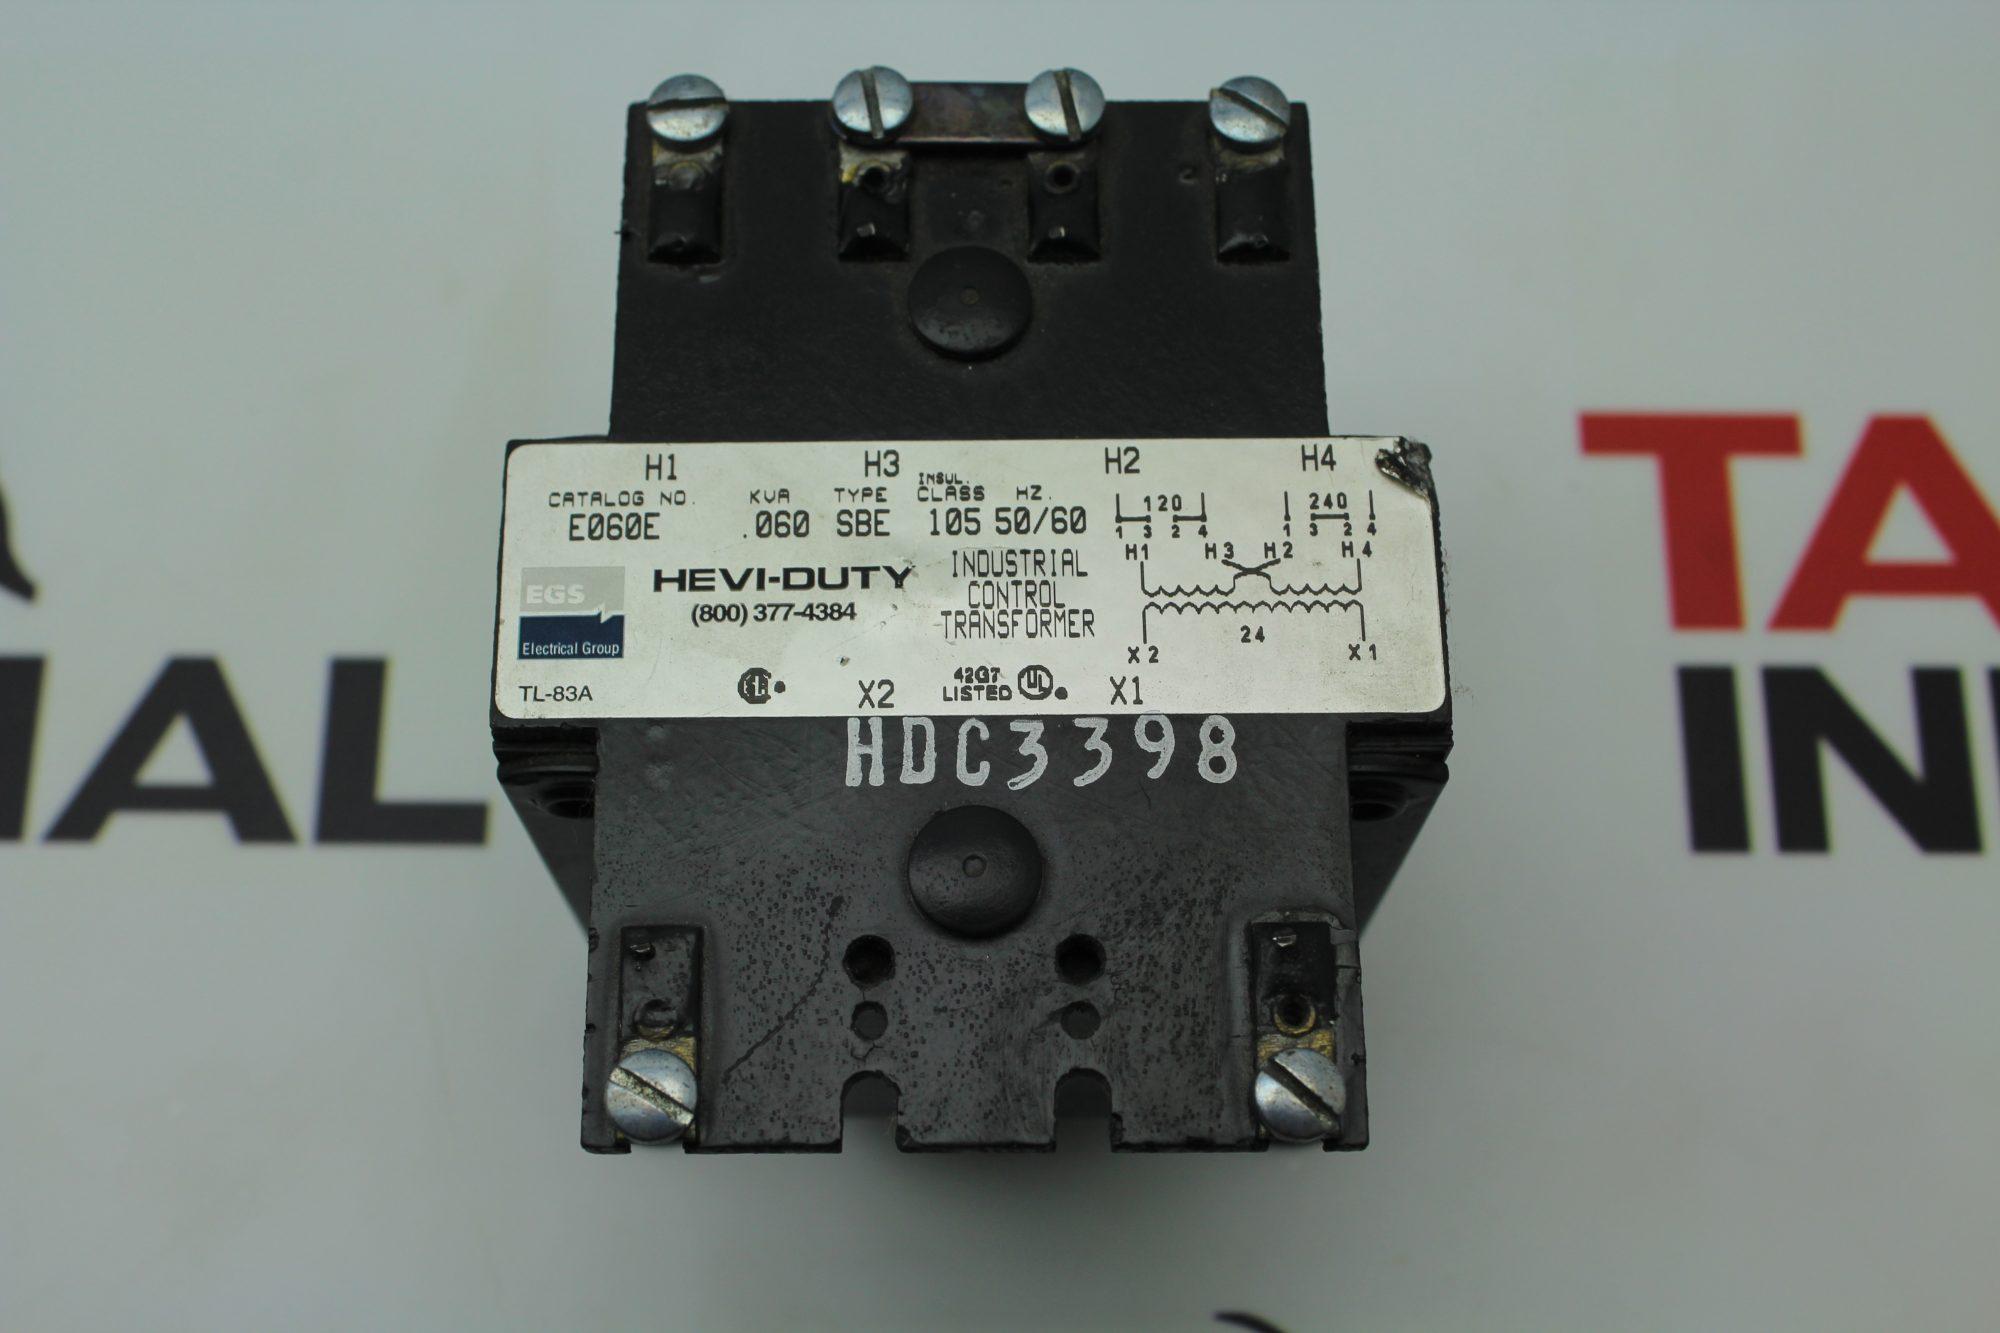 Egs Transformer Control Wiring Car Diagrams Explained 480 240 120 Diagram E060e Rh Tasksurplus Com 24v To